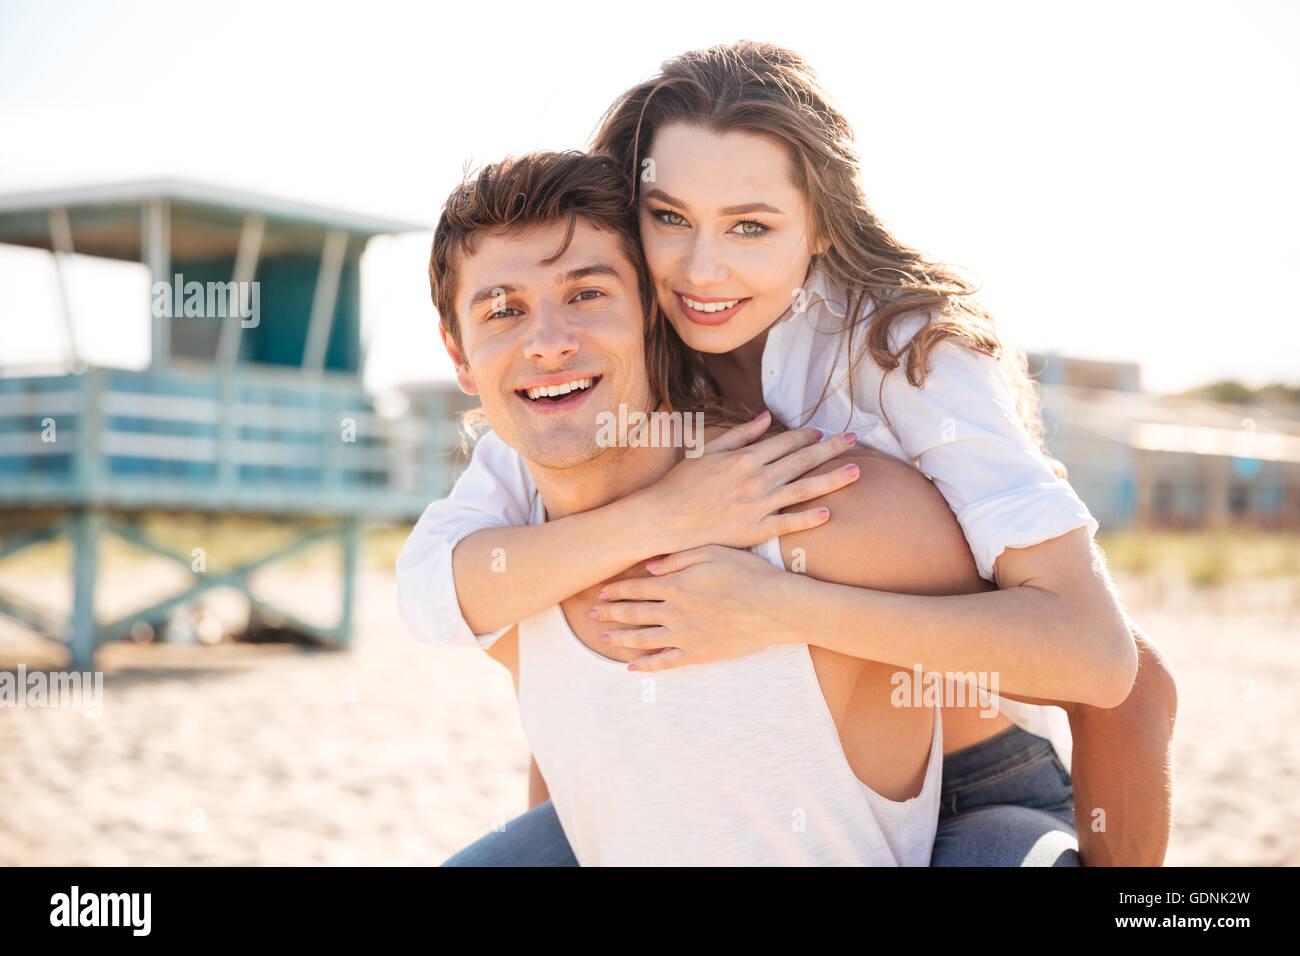 Retrato del joven alegre sumarse a su novia en la playa Imagen De Stock